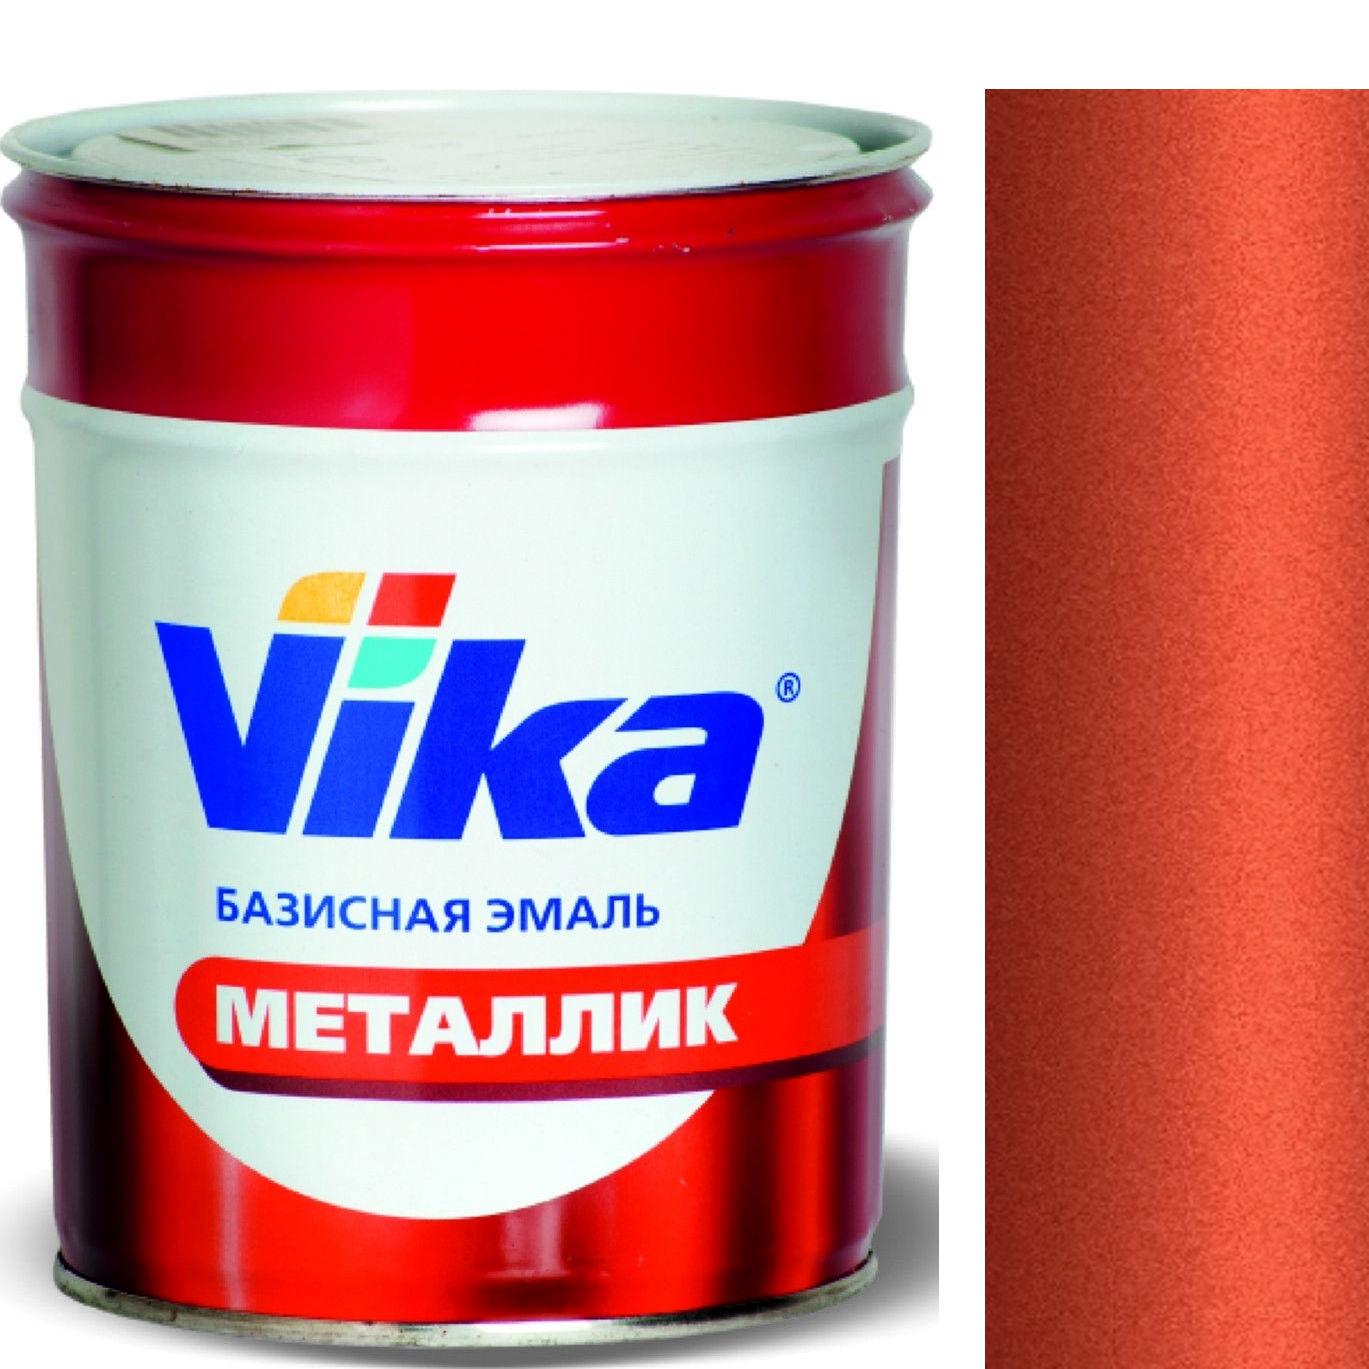 """Фото 15 - Автоэмаль """"Металлик"""" 152 Паприка, профессиональная базовая,  """"Вика/Vika""""."""